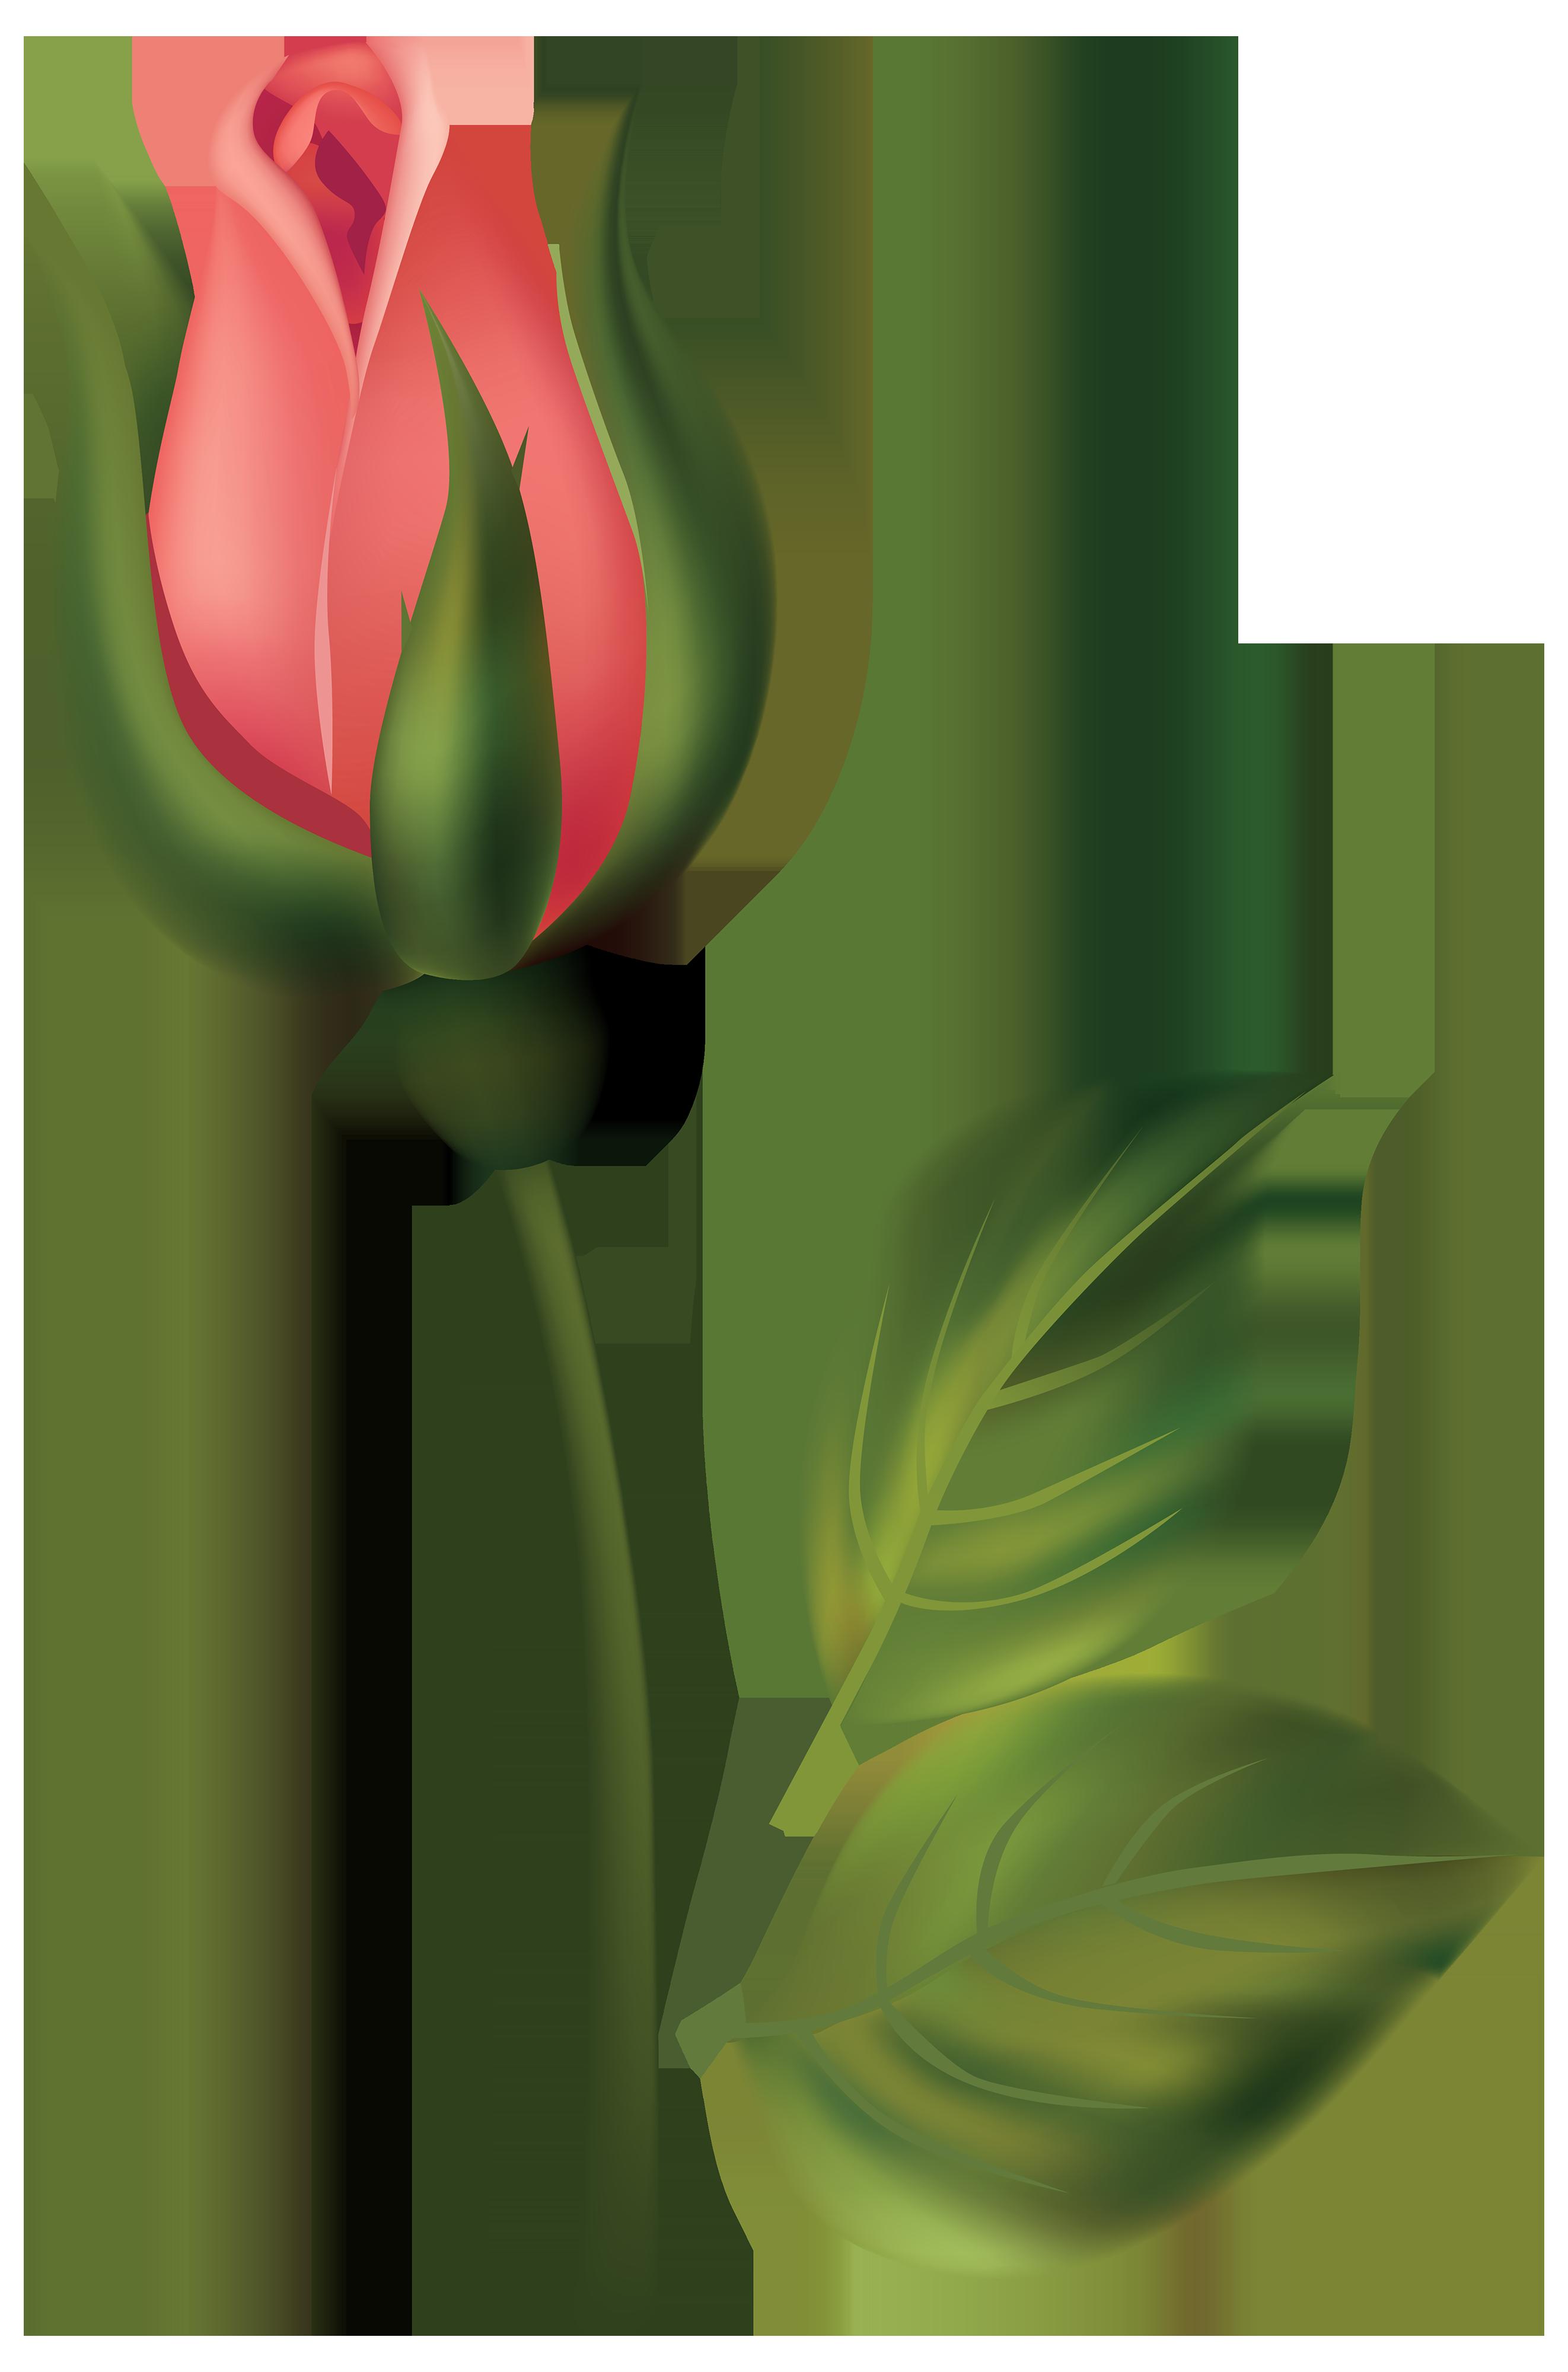 2644x4000 Orange Rose Bud Clip Art Cliparts